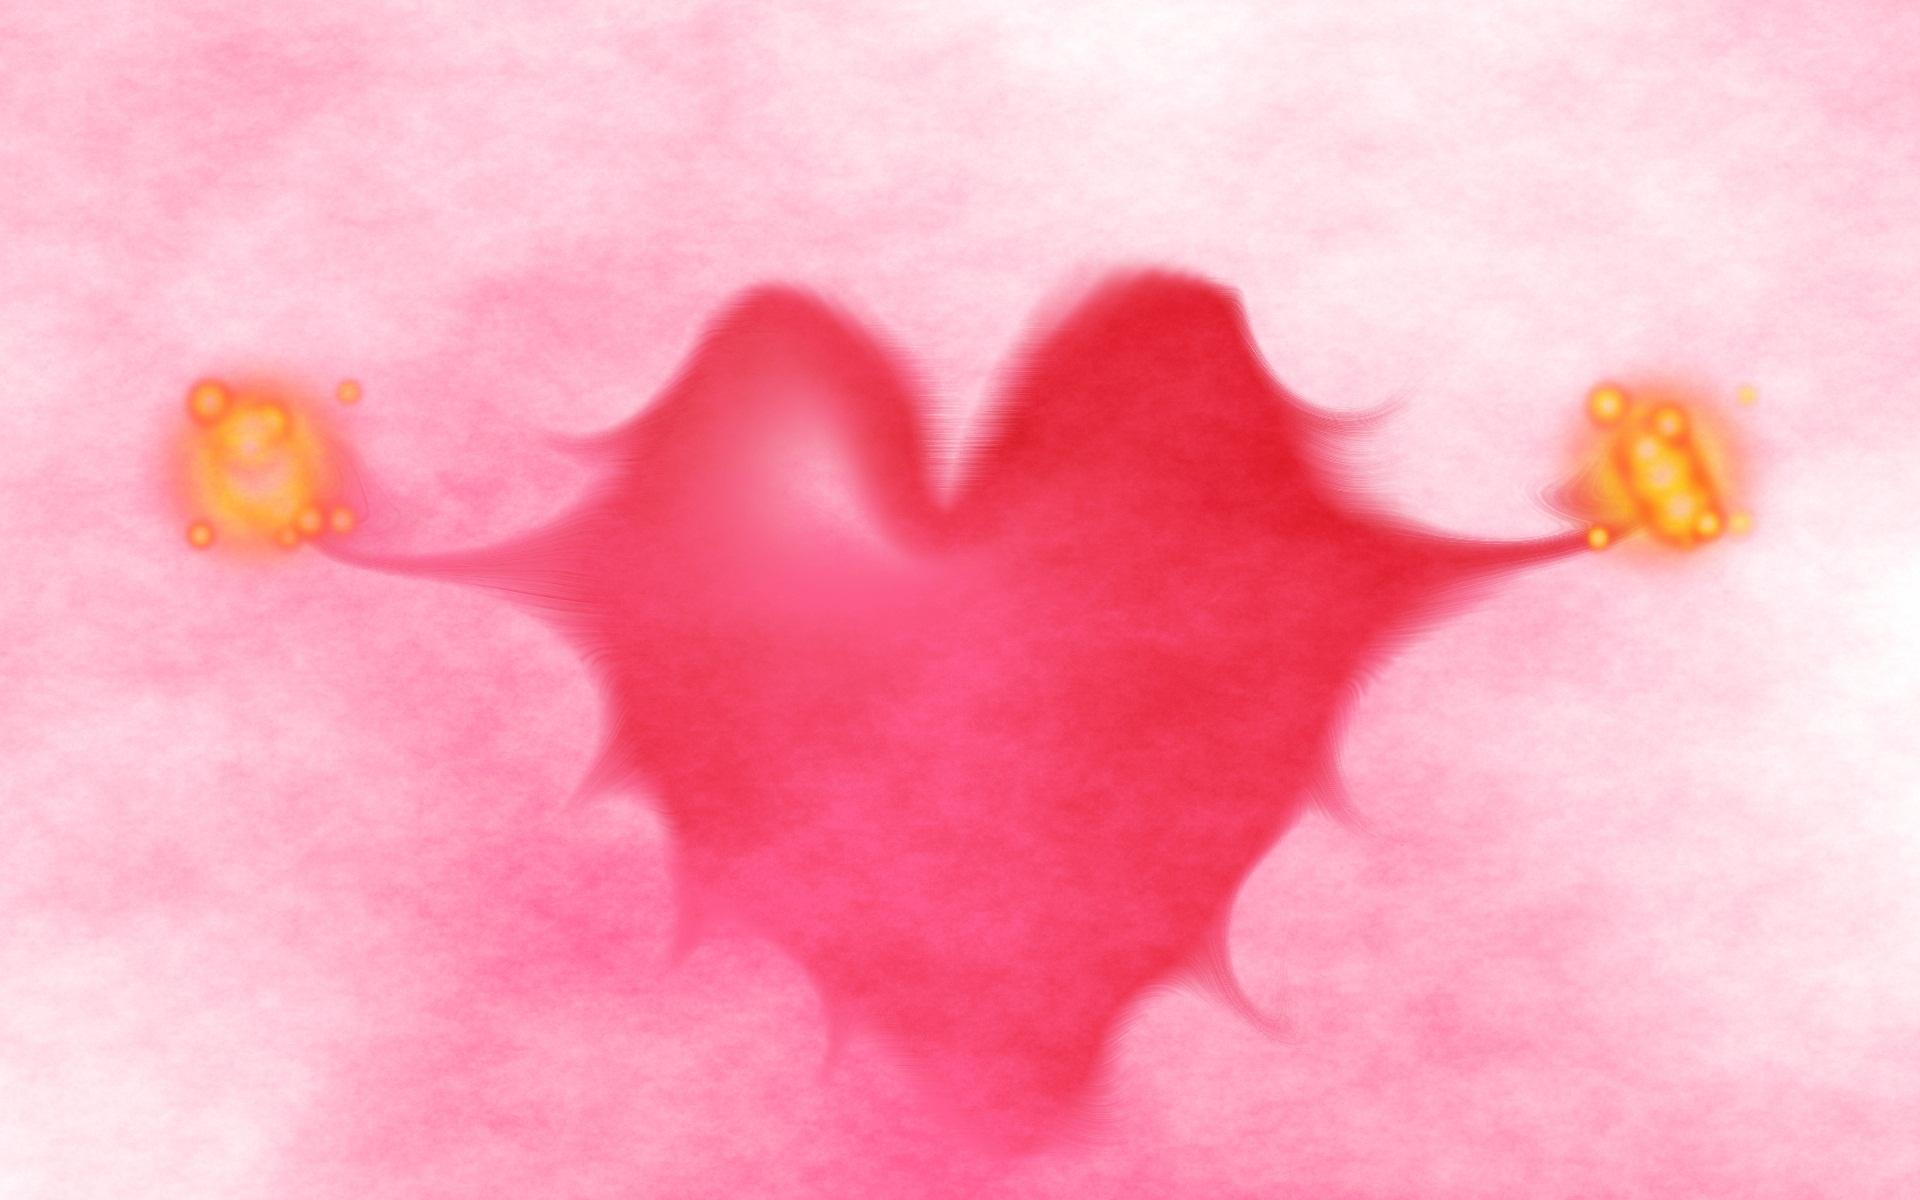 صور قلوب وحب ورومانسية وصورة قلب HD  (12)